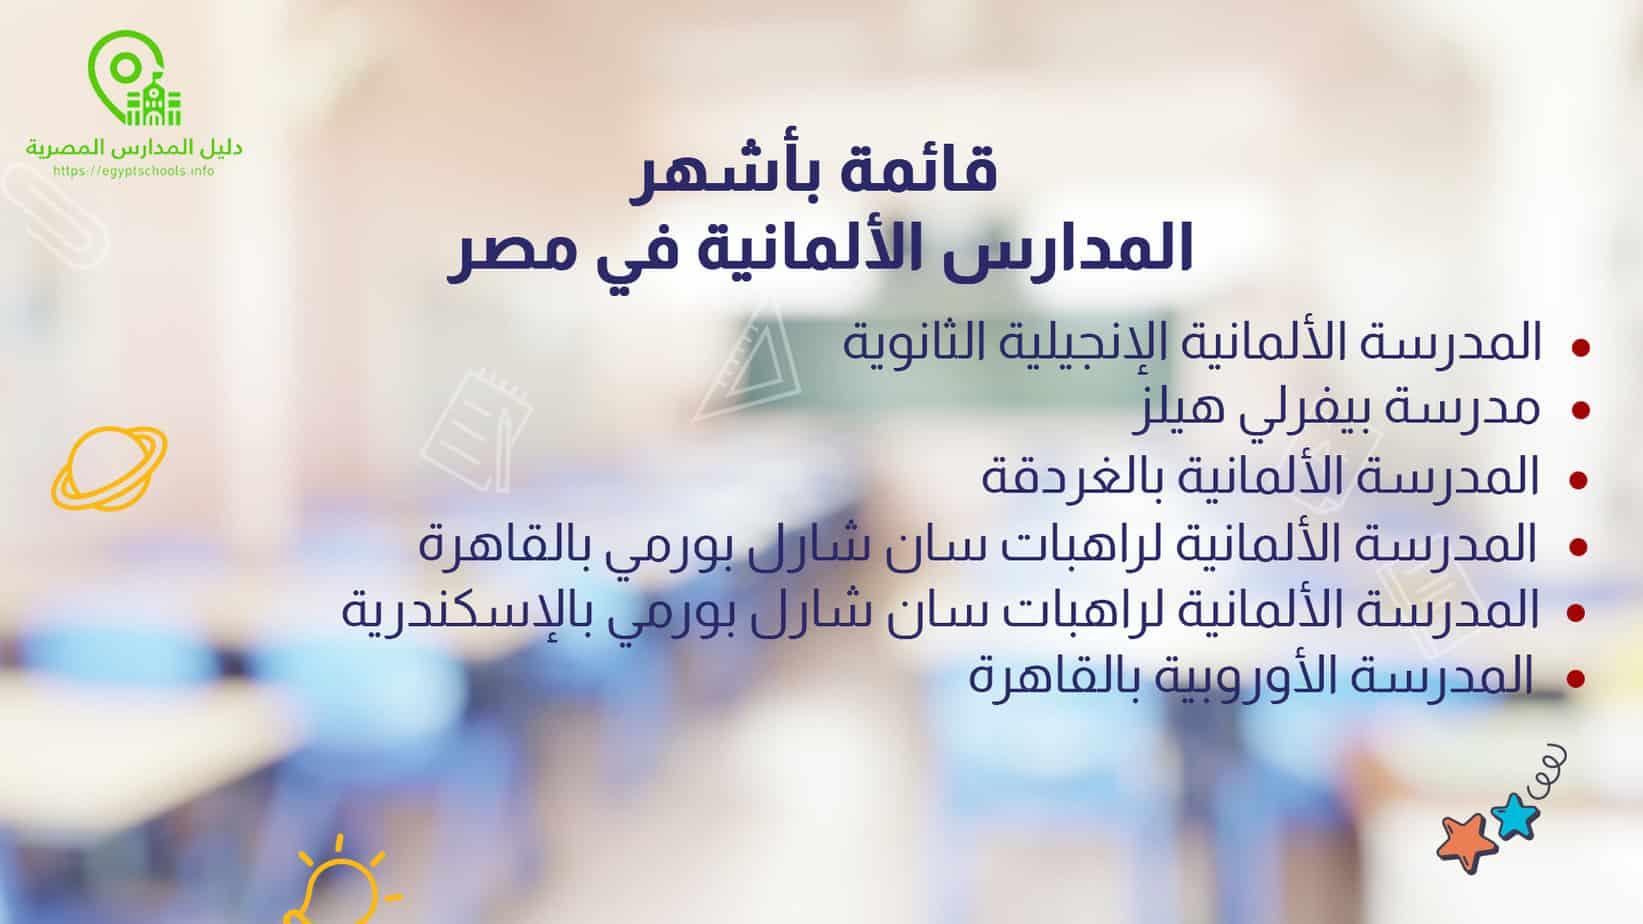 قائمة بالمدارس الألمانية في مصر